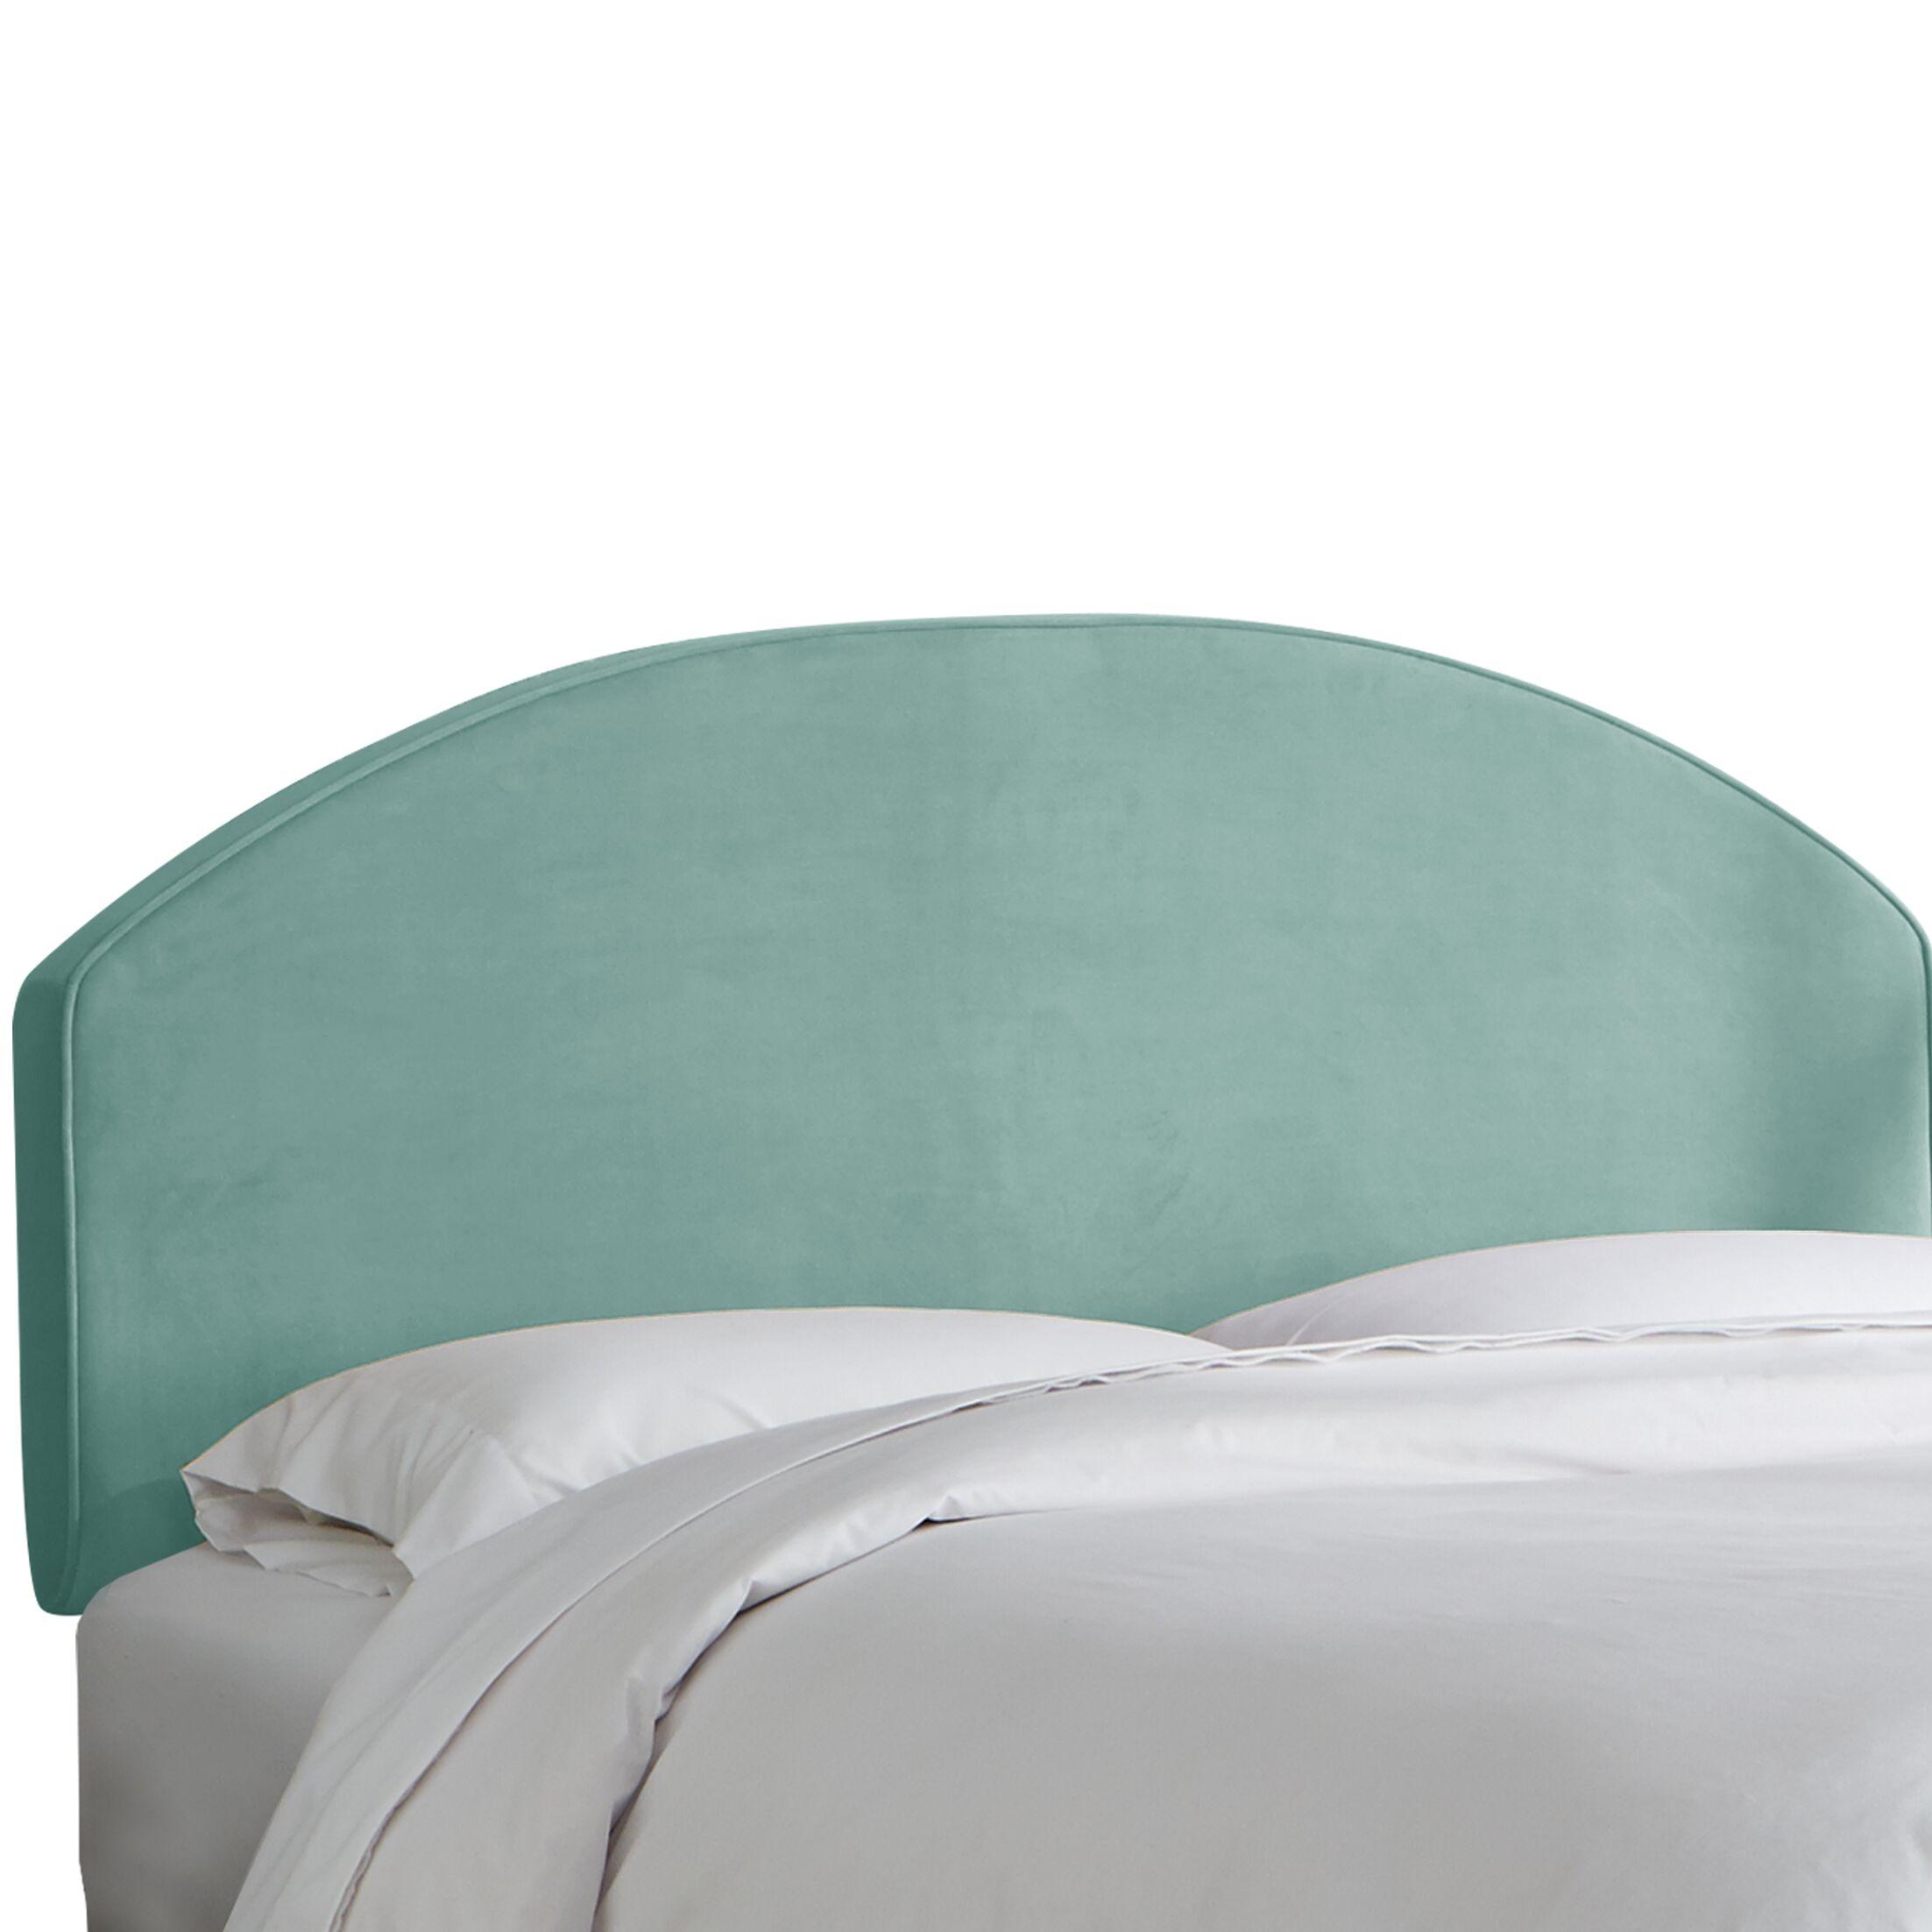 Chanler Velvet Upholstered Panel Headboard Upholstery Color: Caribbean, Size: Queen